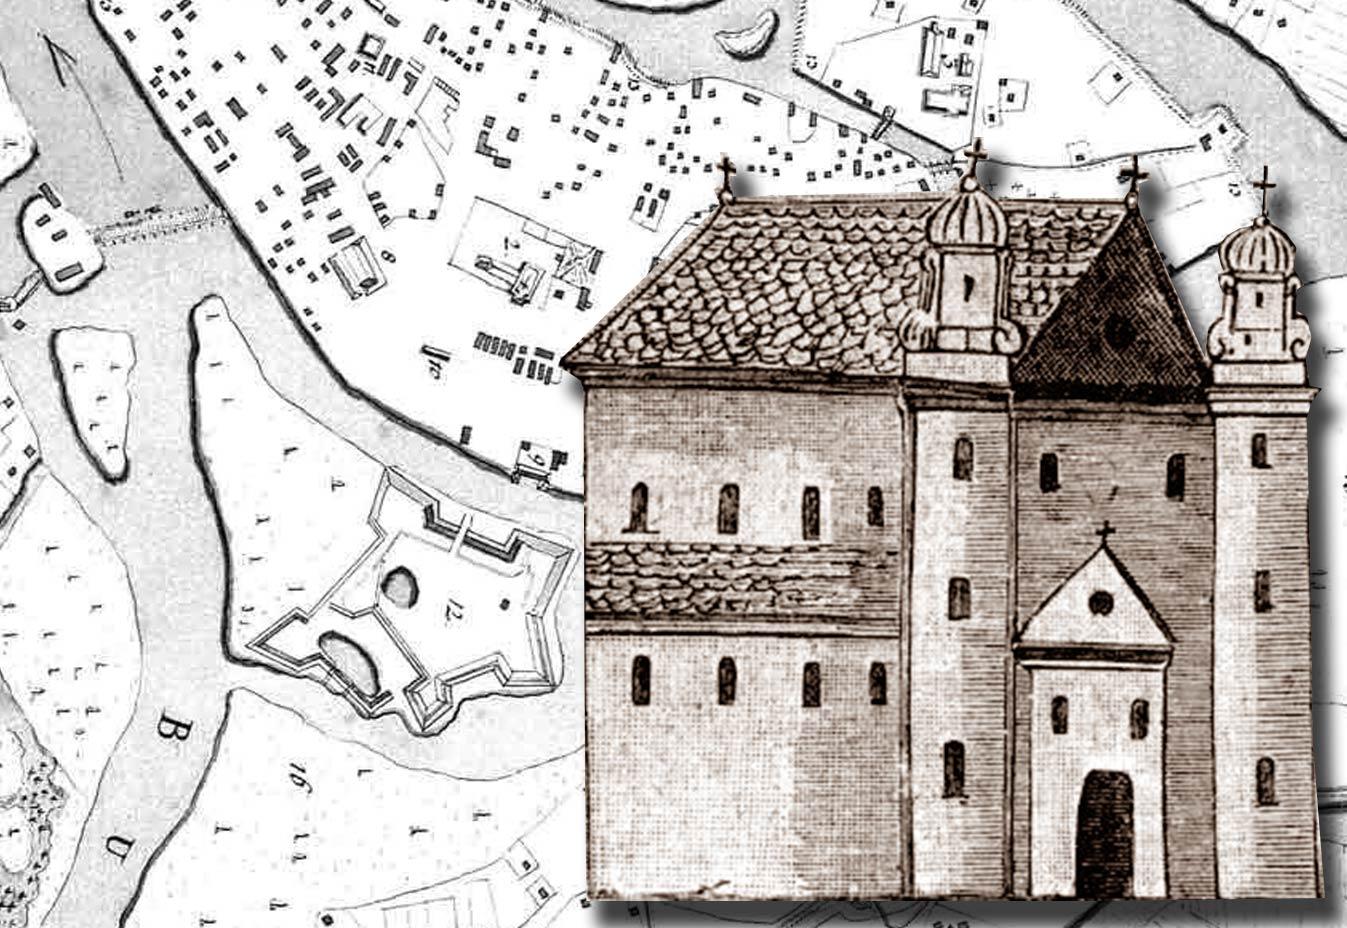 Cerkiew św. Mikołaja w Brześciu, gdzie została podpisana unia brzeska. Ryc. z XVIII wieku. Zburzona w czasach panowania rosyjskiego